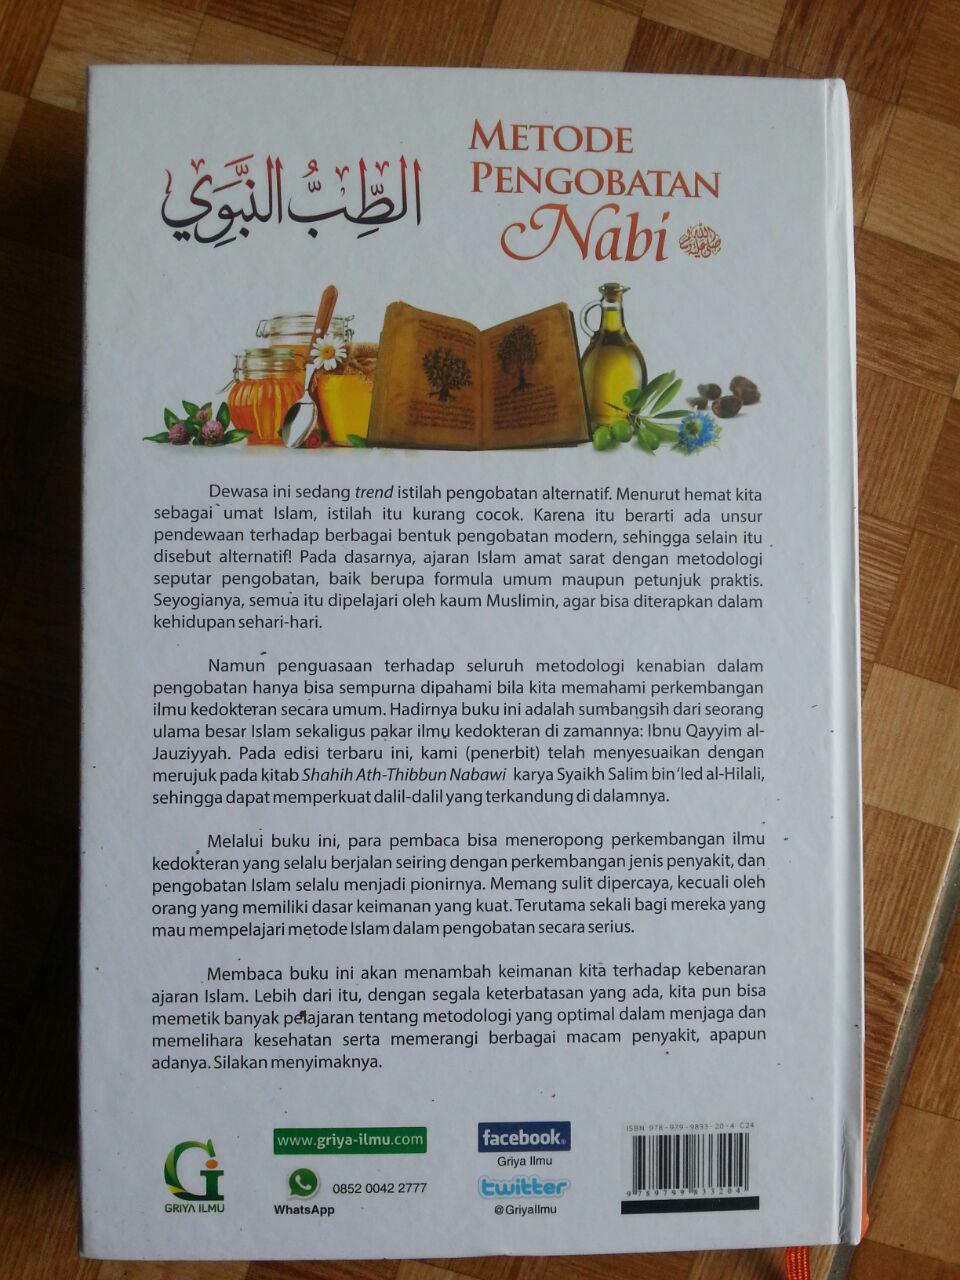 Buku Metode Pengobatan Nabi (Ath-Thibbun Nabawi) cover